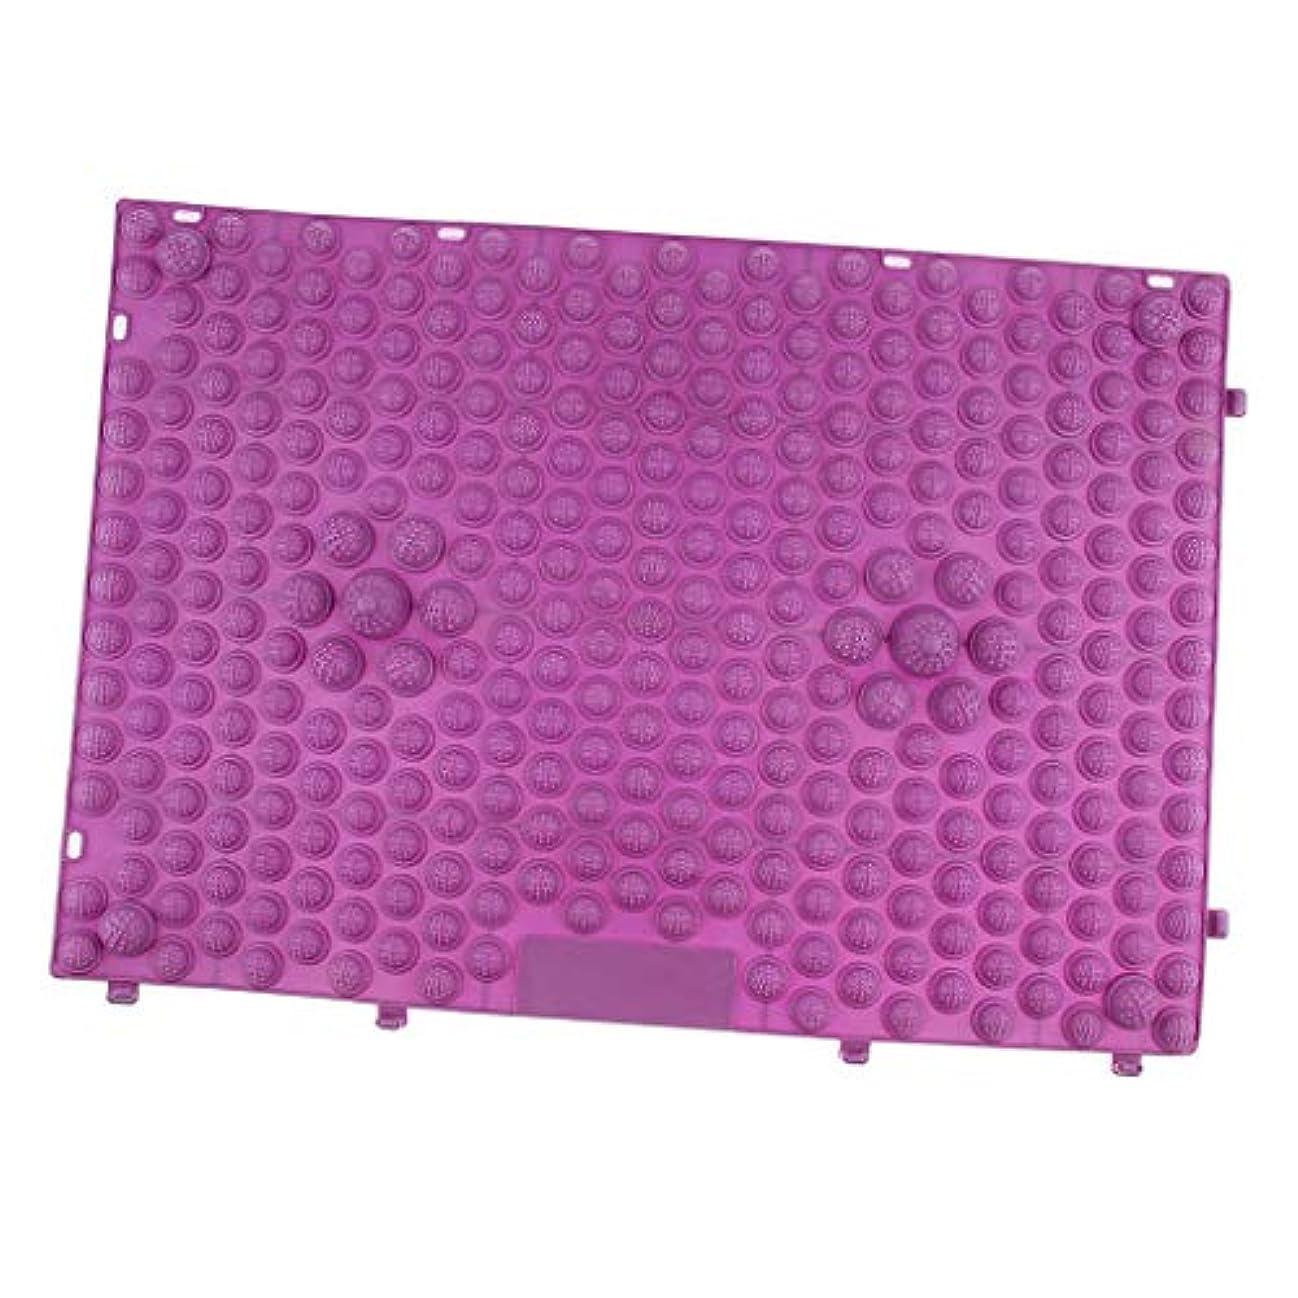 モノグラフ韓国を除くdailymall フットマッサージ マット マッサージパッド マッサージシート 疲労和らげ 多色選べ - 紫